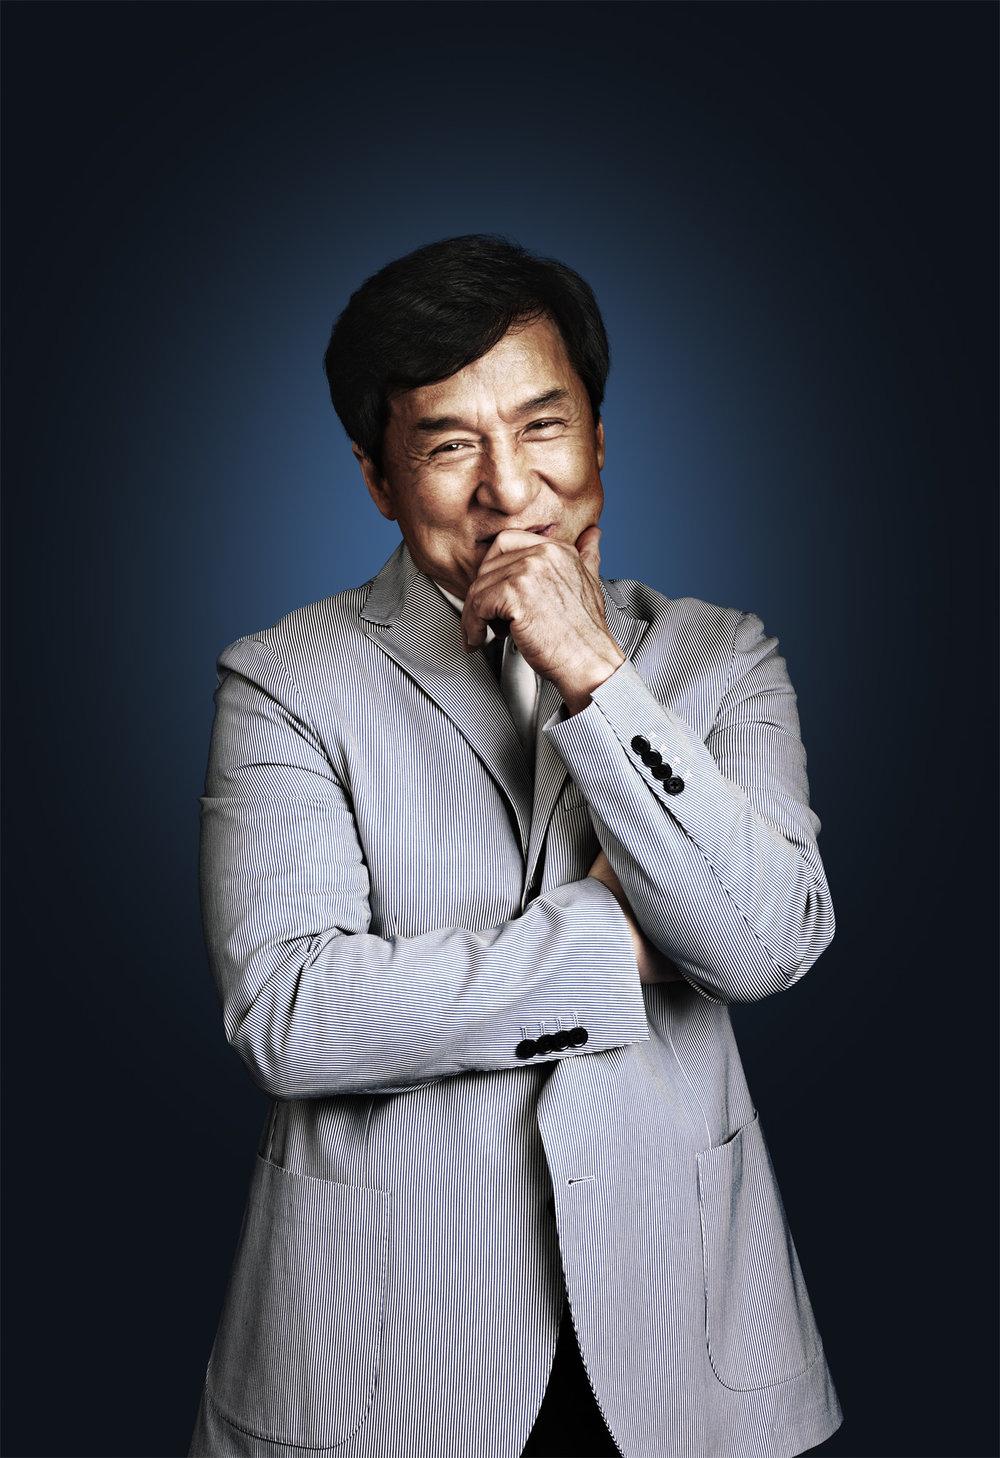 Jackie_Chan_3.jpg